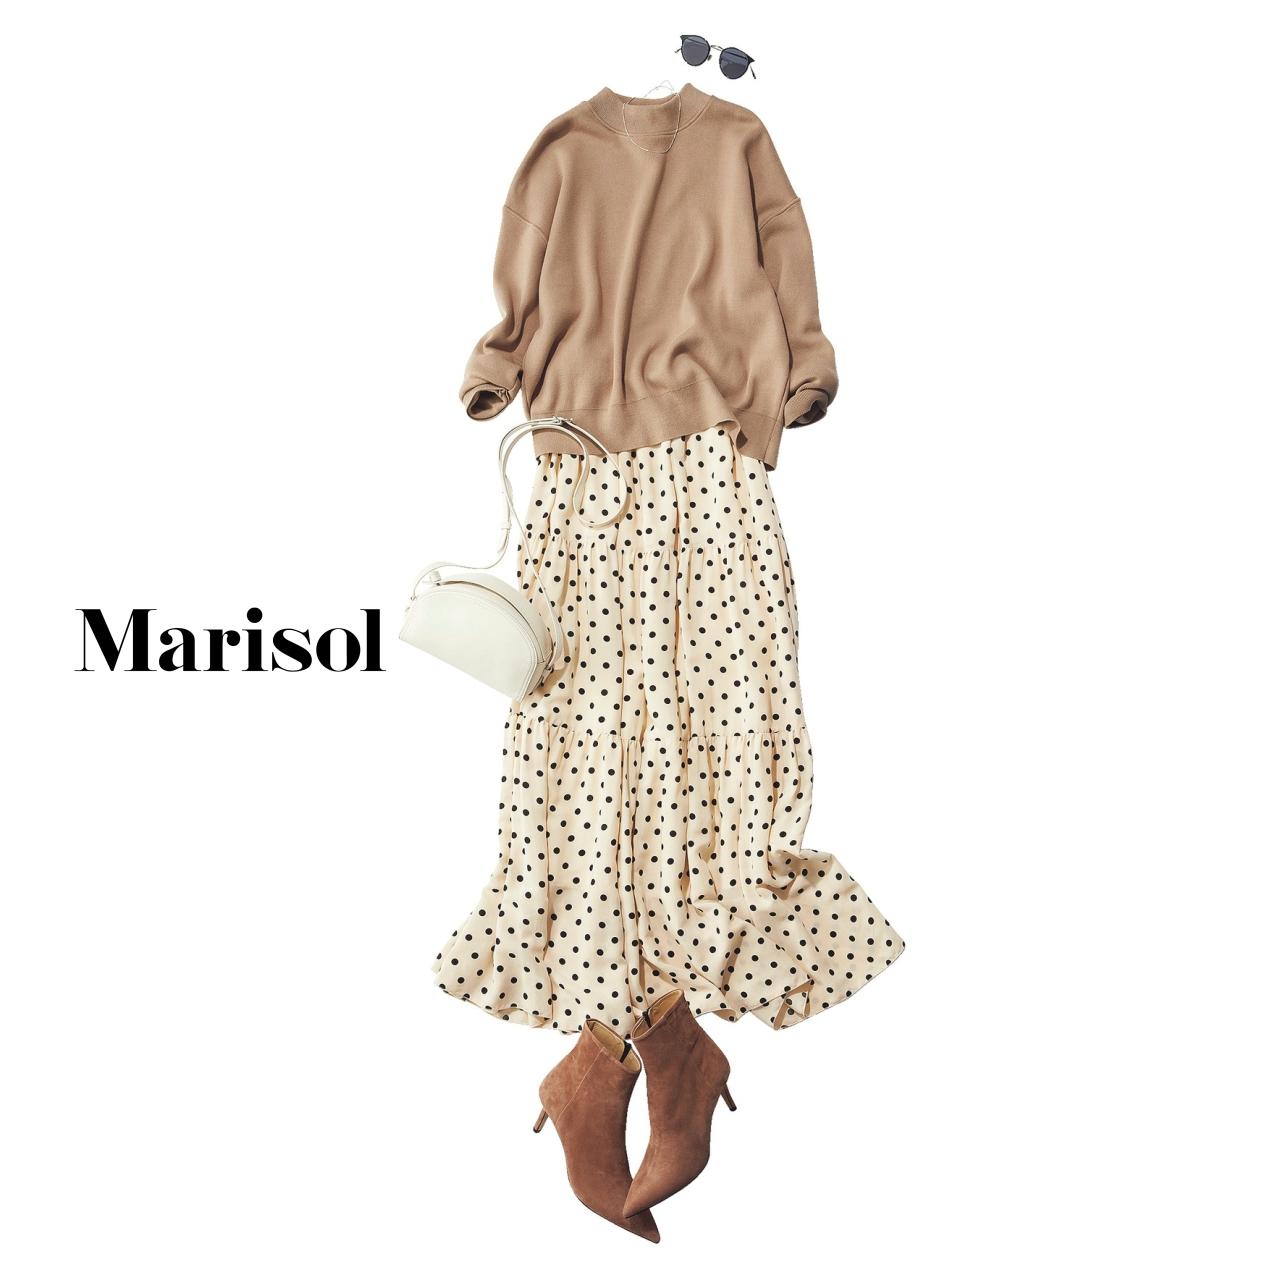 40代ファッション ベージュプルオーバー×スカートコーデ